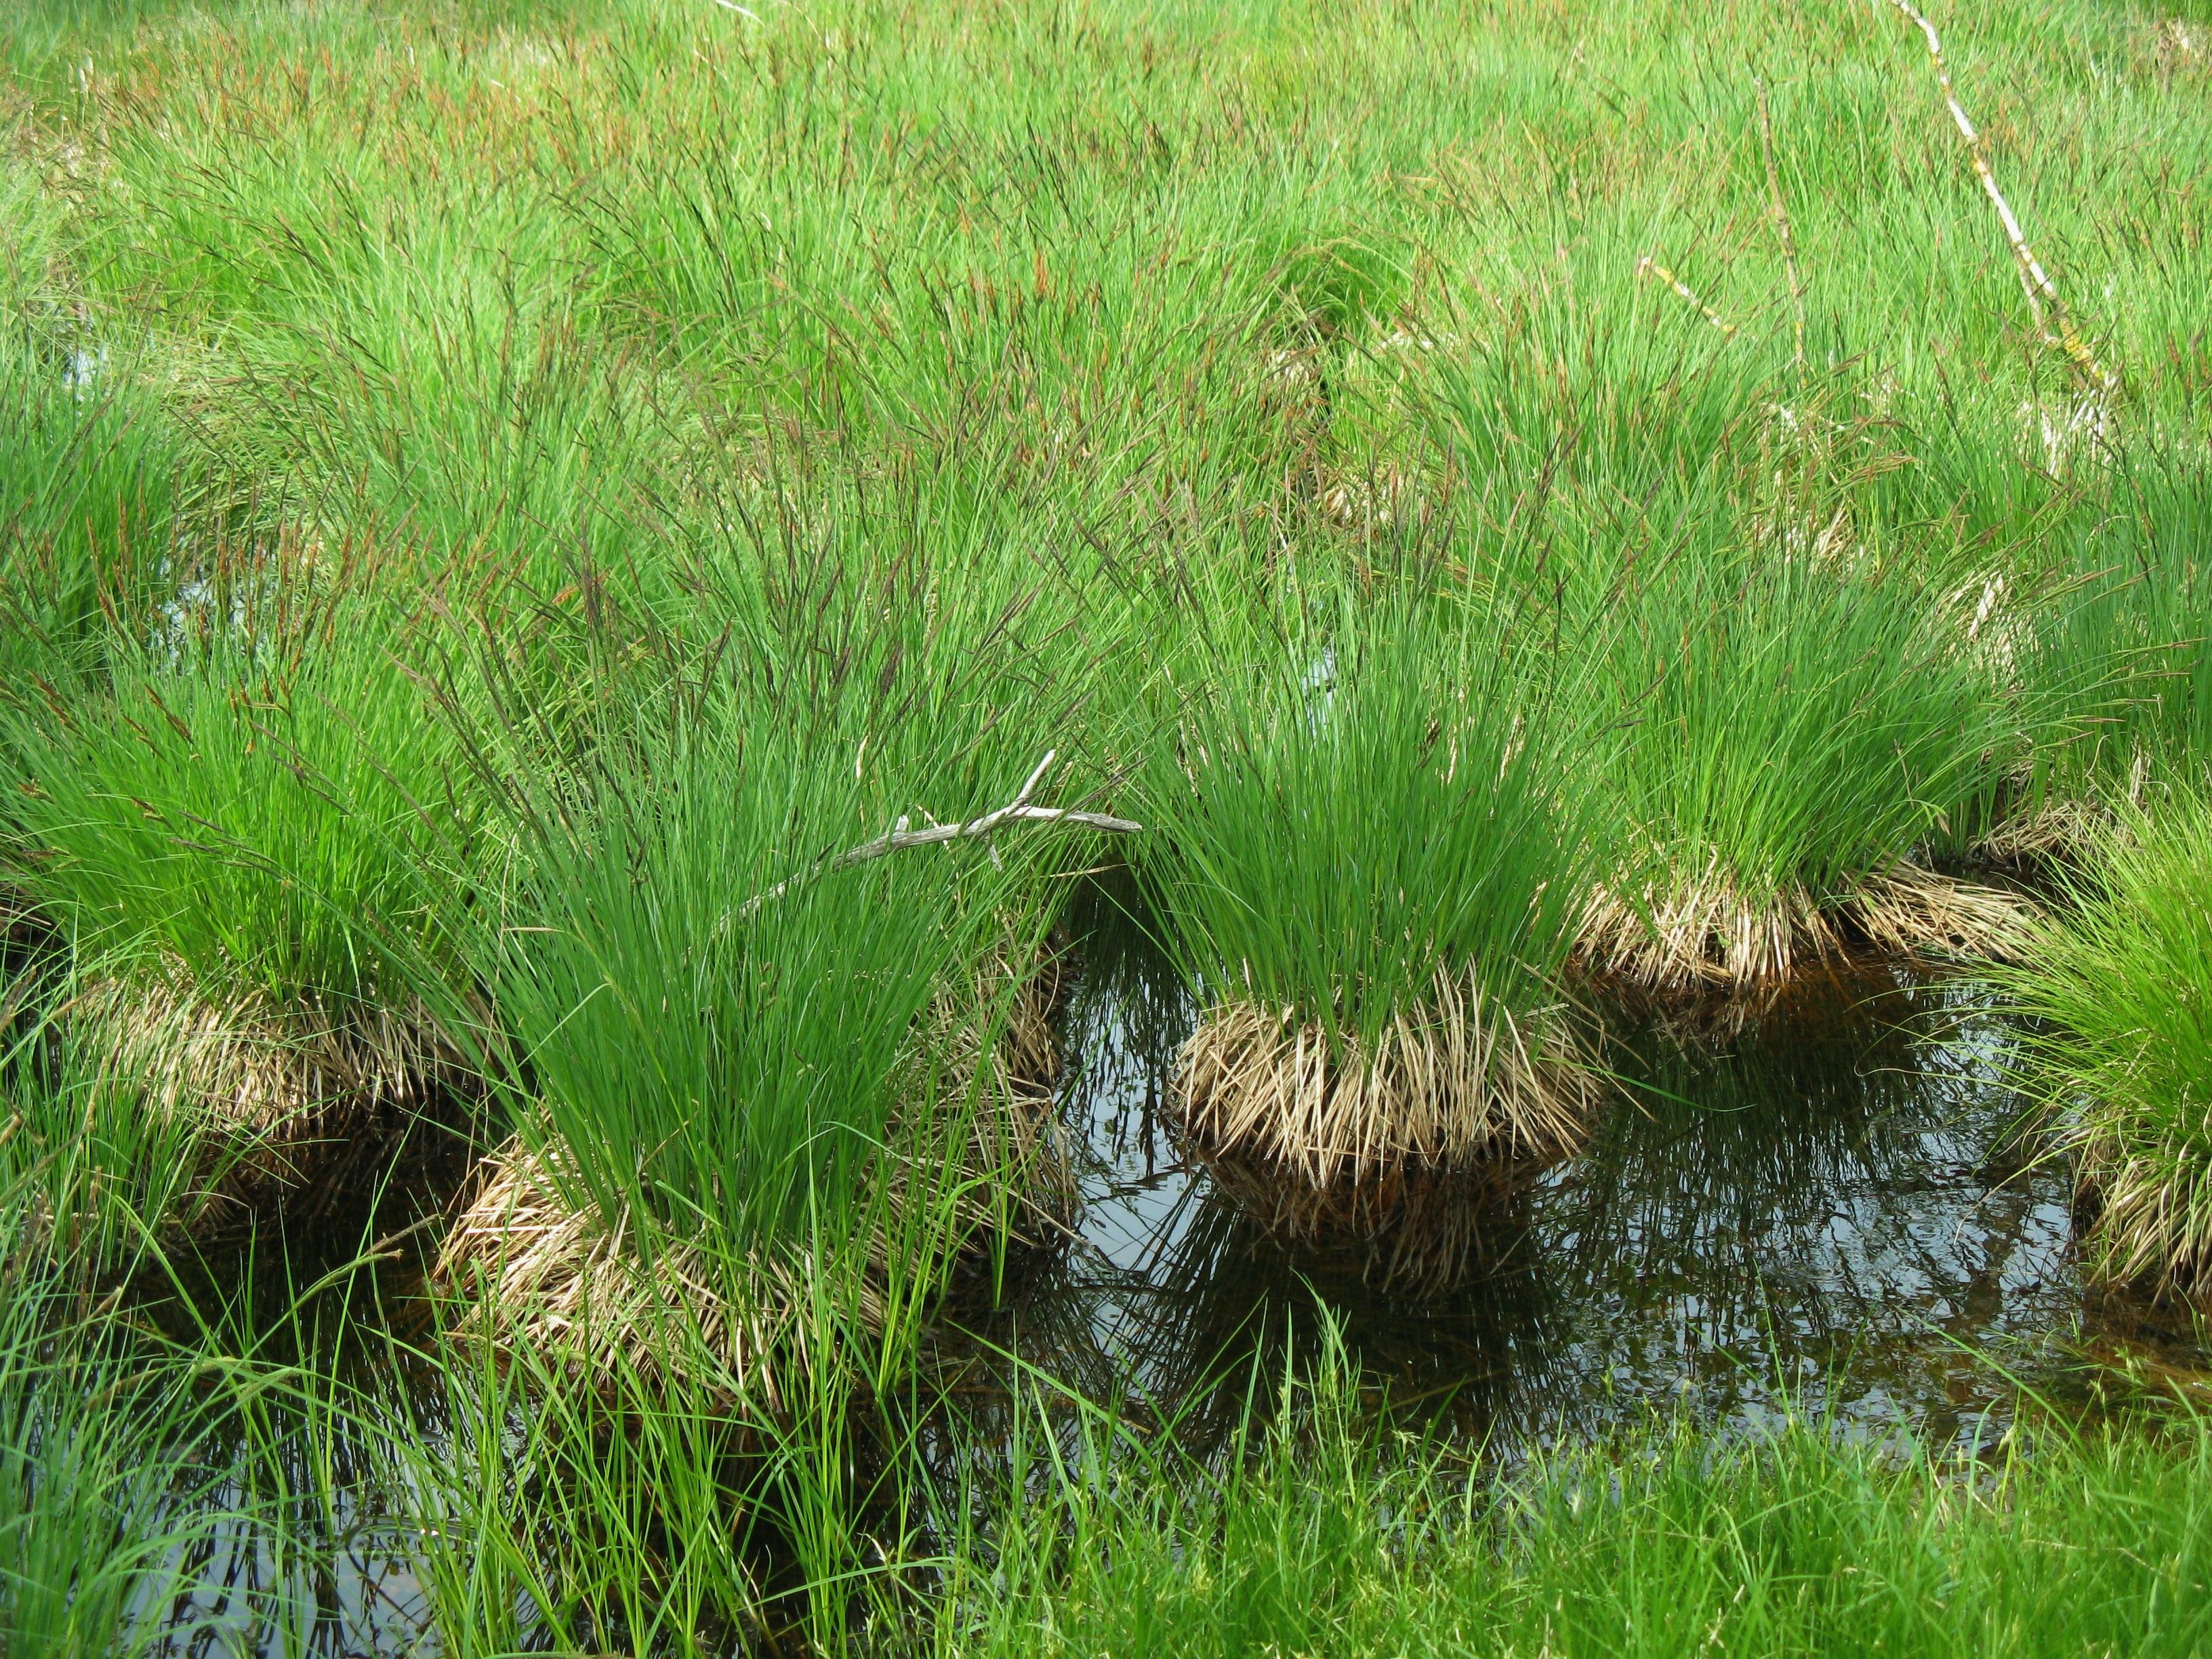 всех болотная растительность фото особенность этого